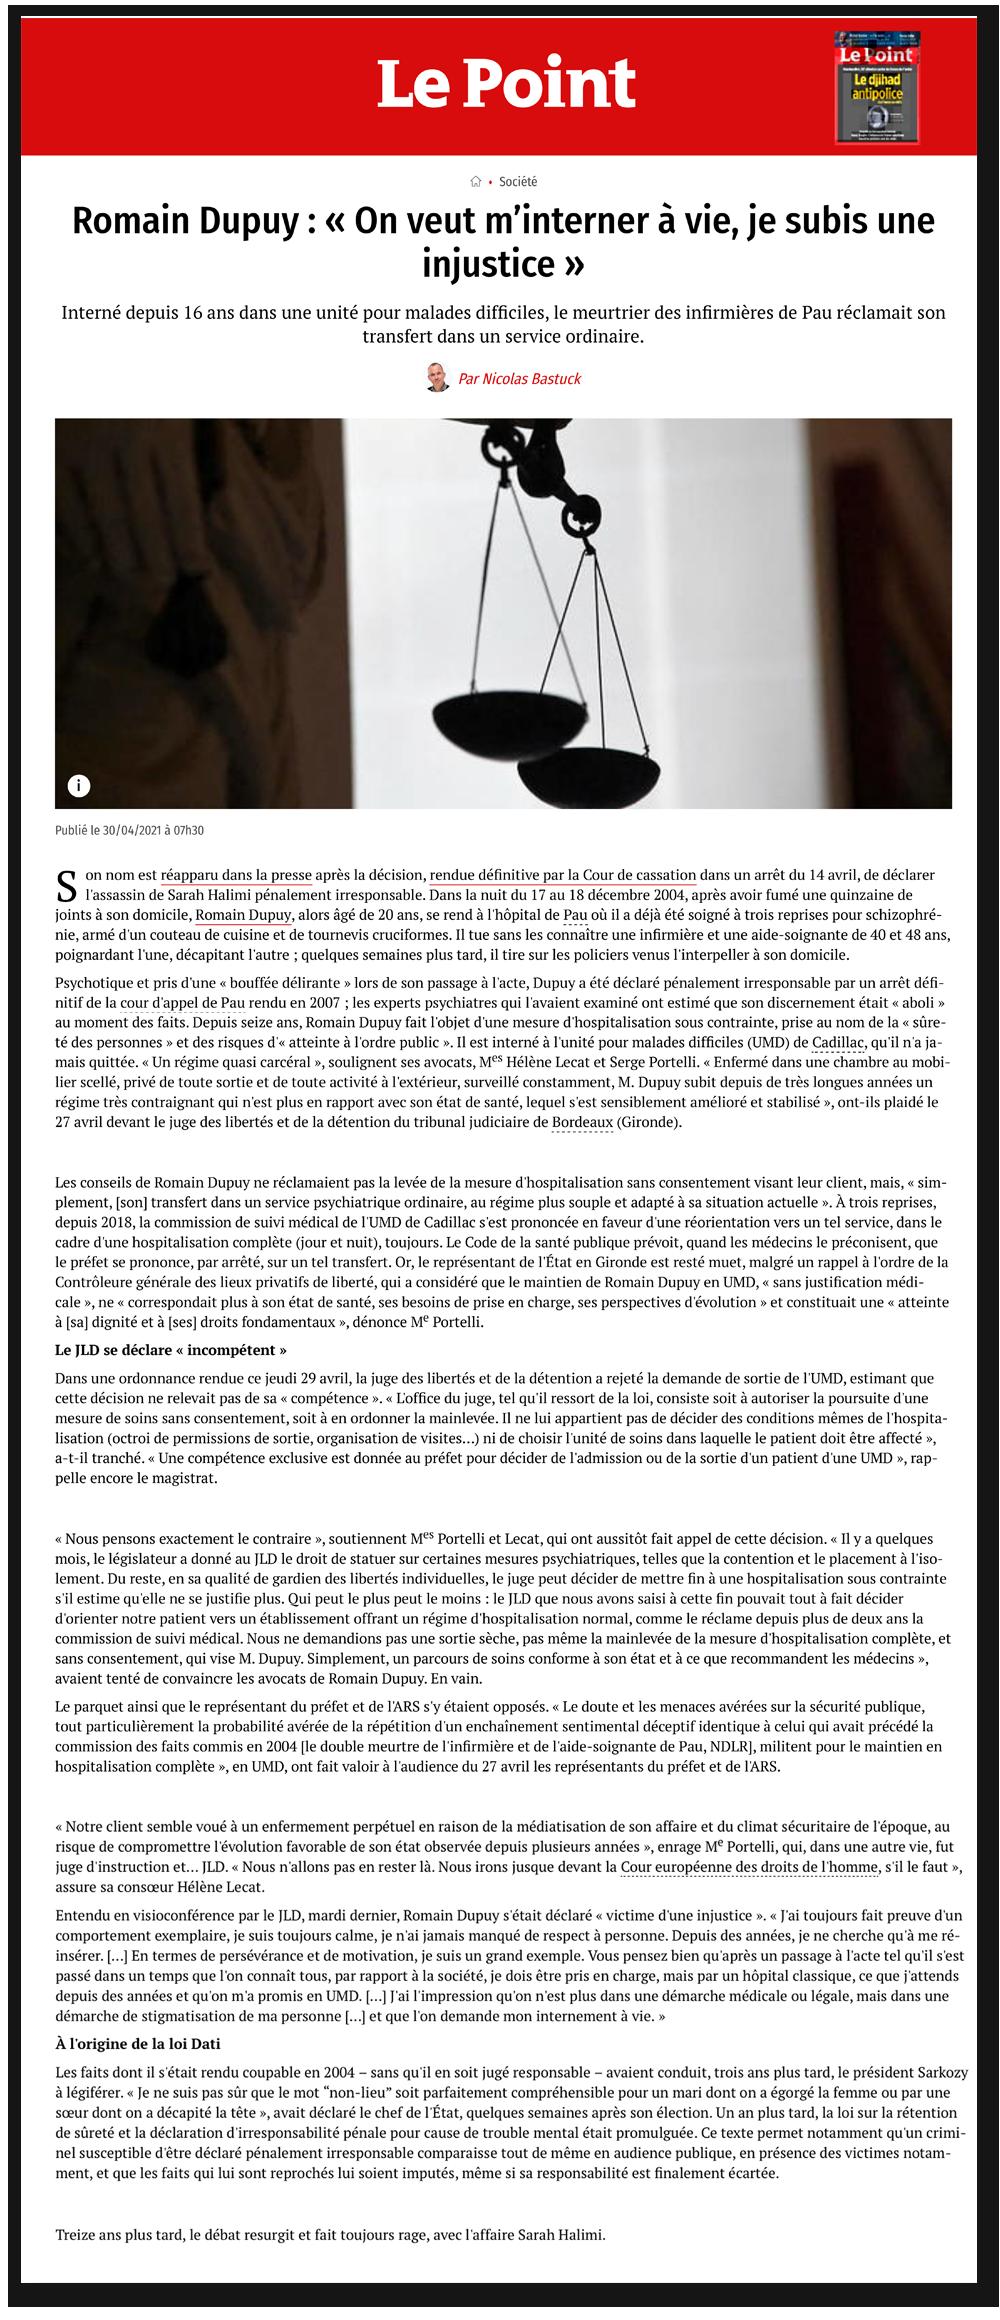 """LE POINT : Romain Dupuy """"On veut m'interner à vie, je subis une injustice"""""""